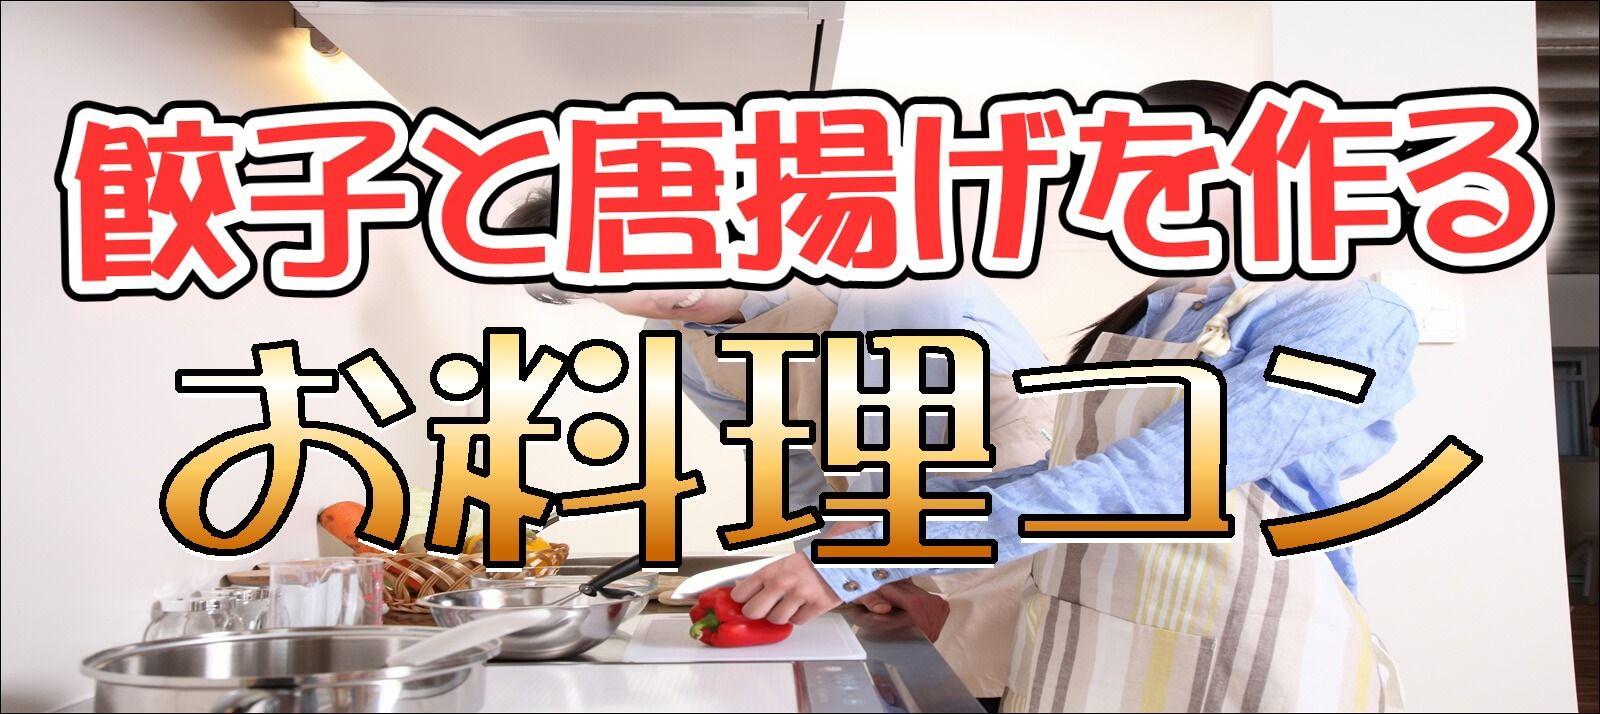 【日本橋のプチ街コン】エスクロ・ジャパン株式会社主催 2016年11月6日